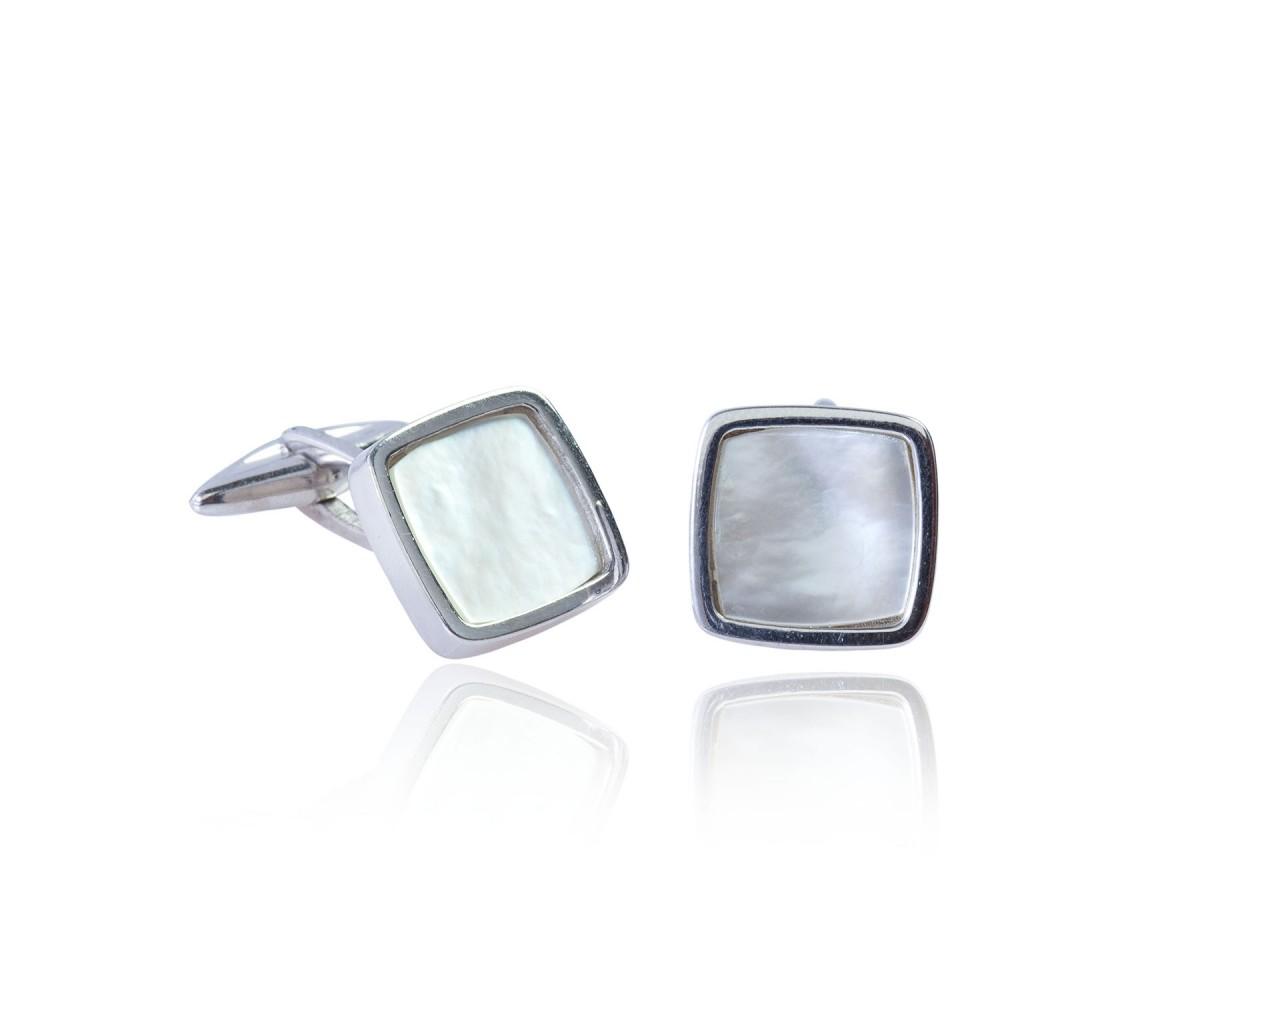 Gemelli in argento 925 con pietre in forma quadrata di madreperla naturale